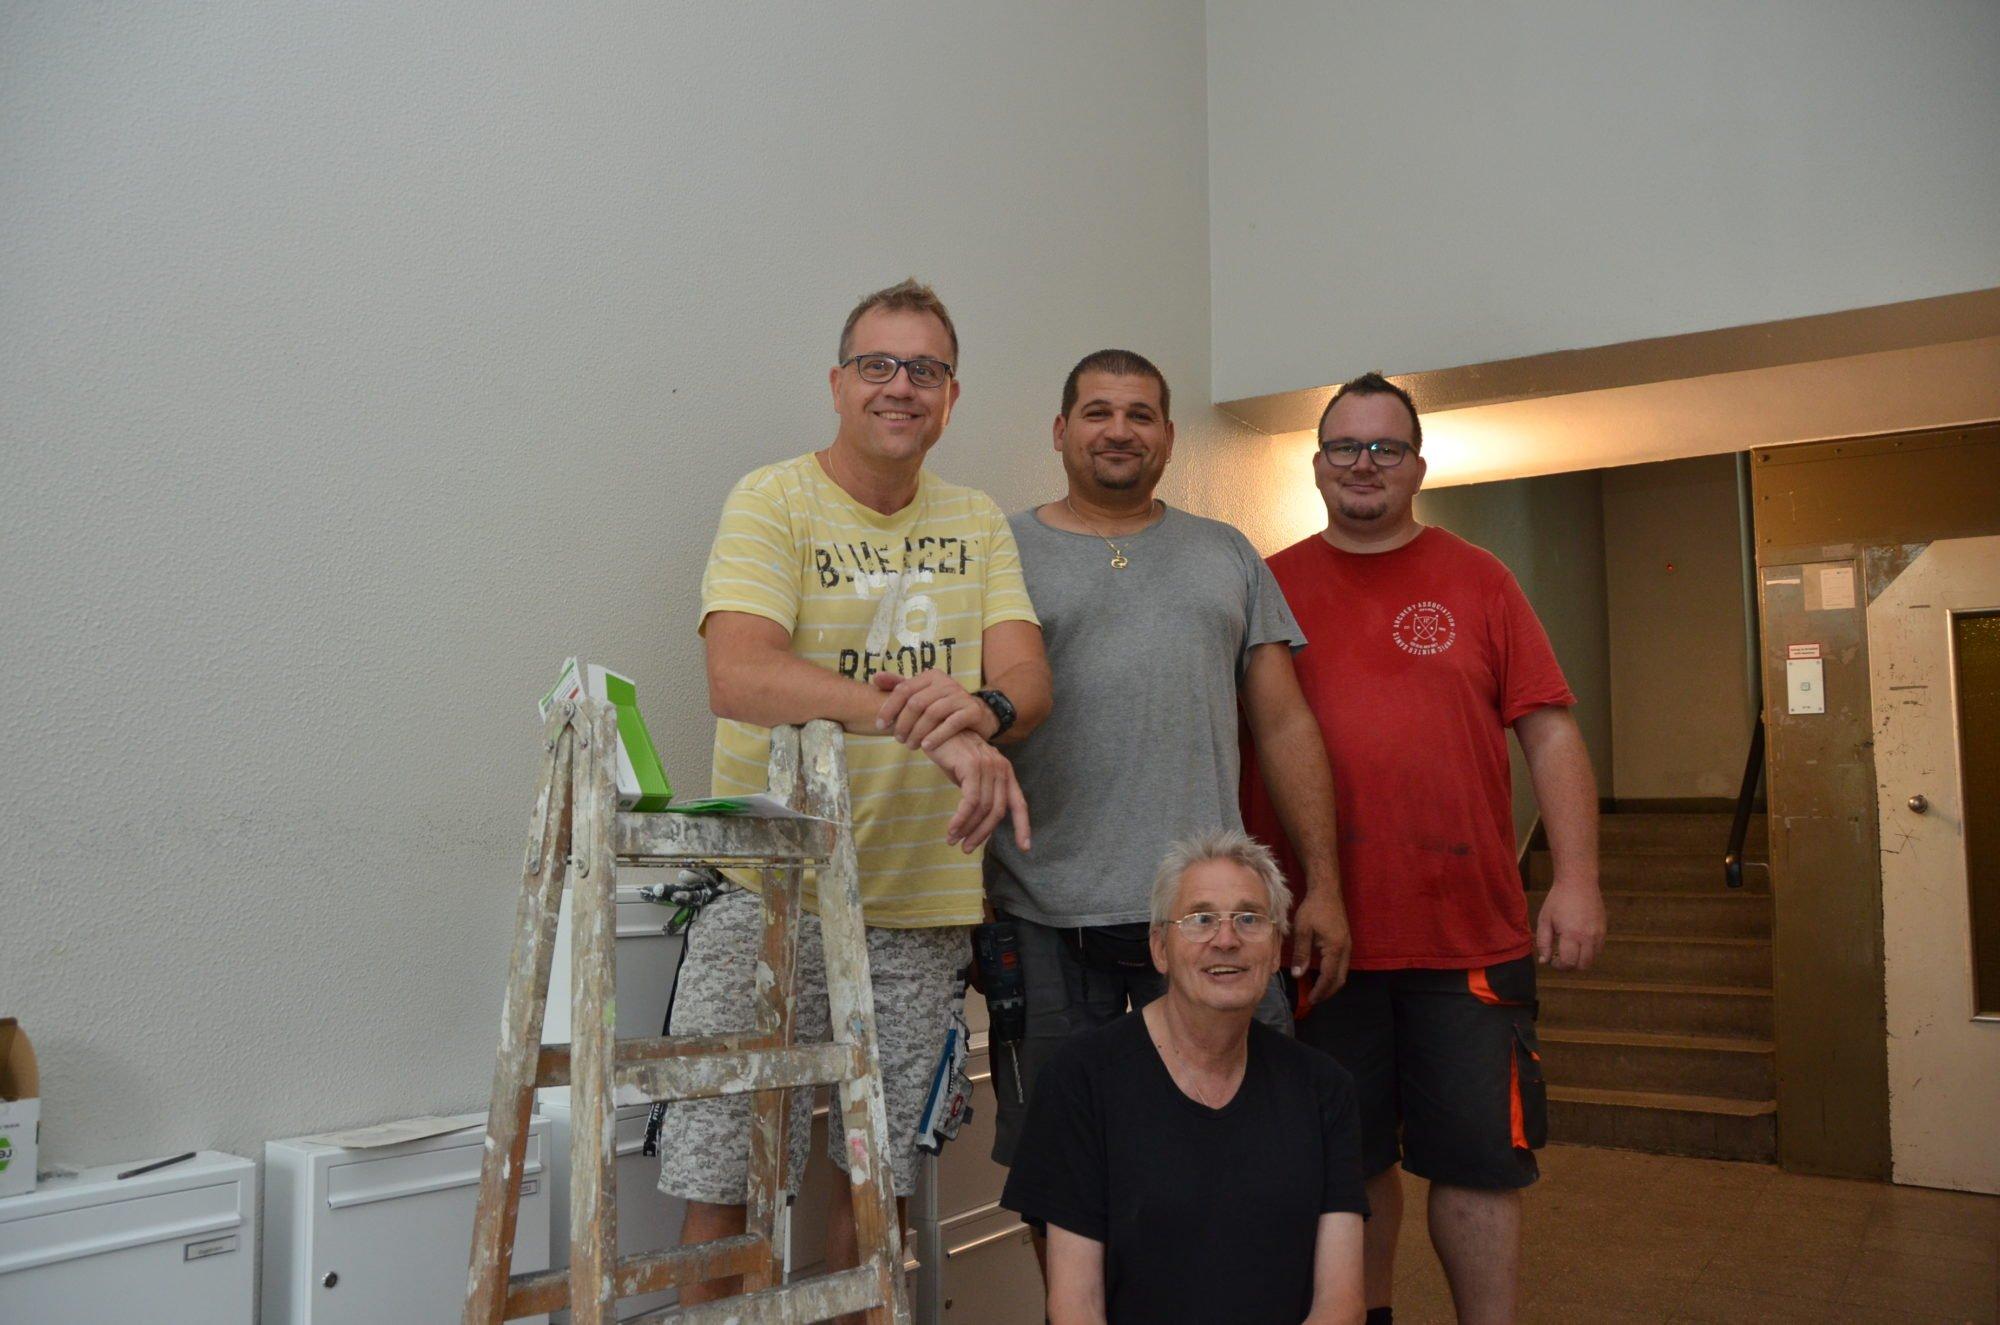 Vier Mitarbeiter des Reparaturmobils stehen in einem Hausflur und lächeln in die Kamera